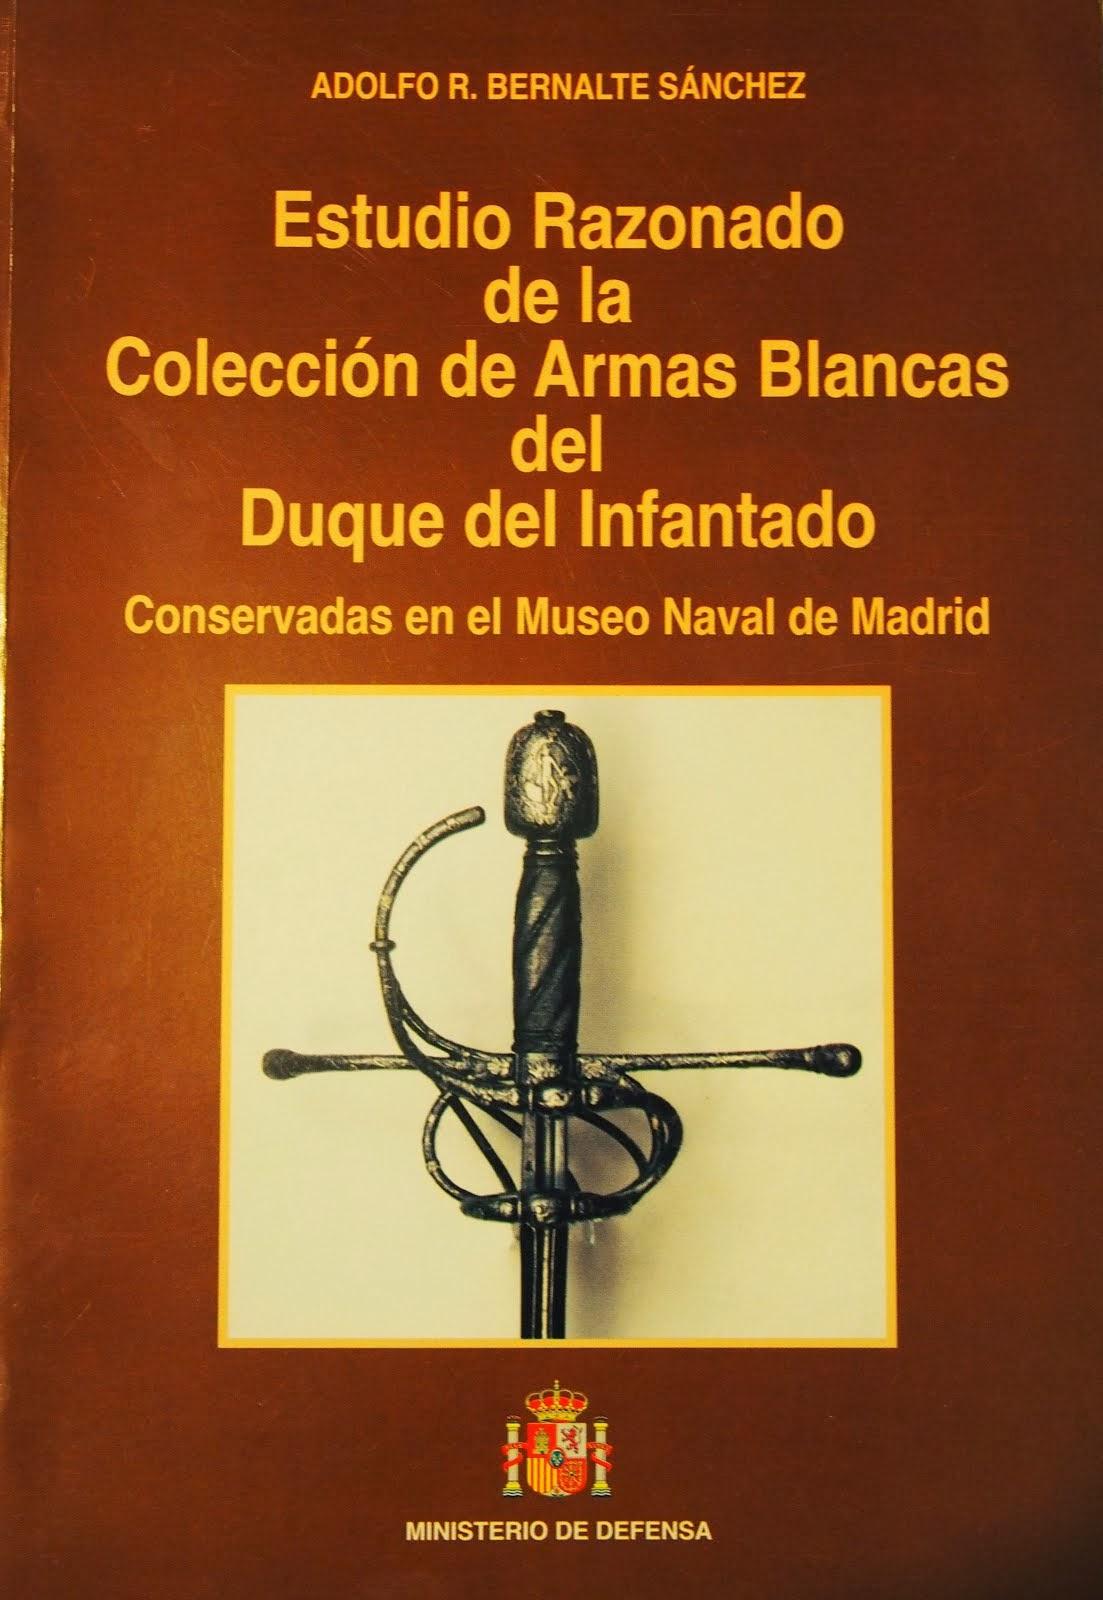 Estudio Razonado de la Colección de Armas Blancas del Duque del Infantado